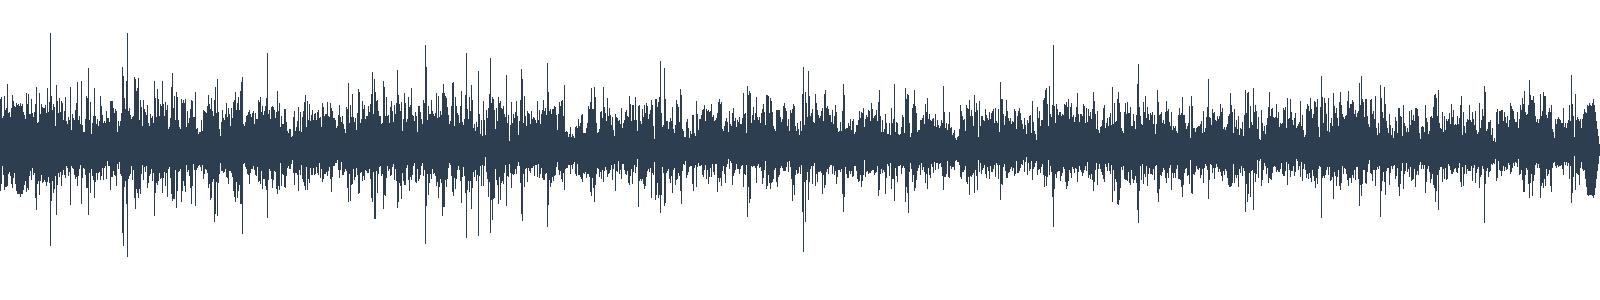 #72 Šokujúce výsledky Veľkého audioknižného prieskumu waveform